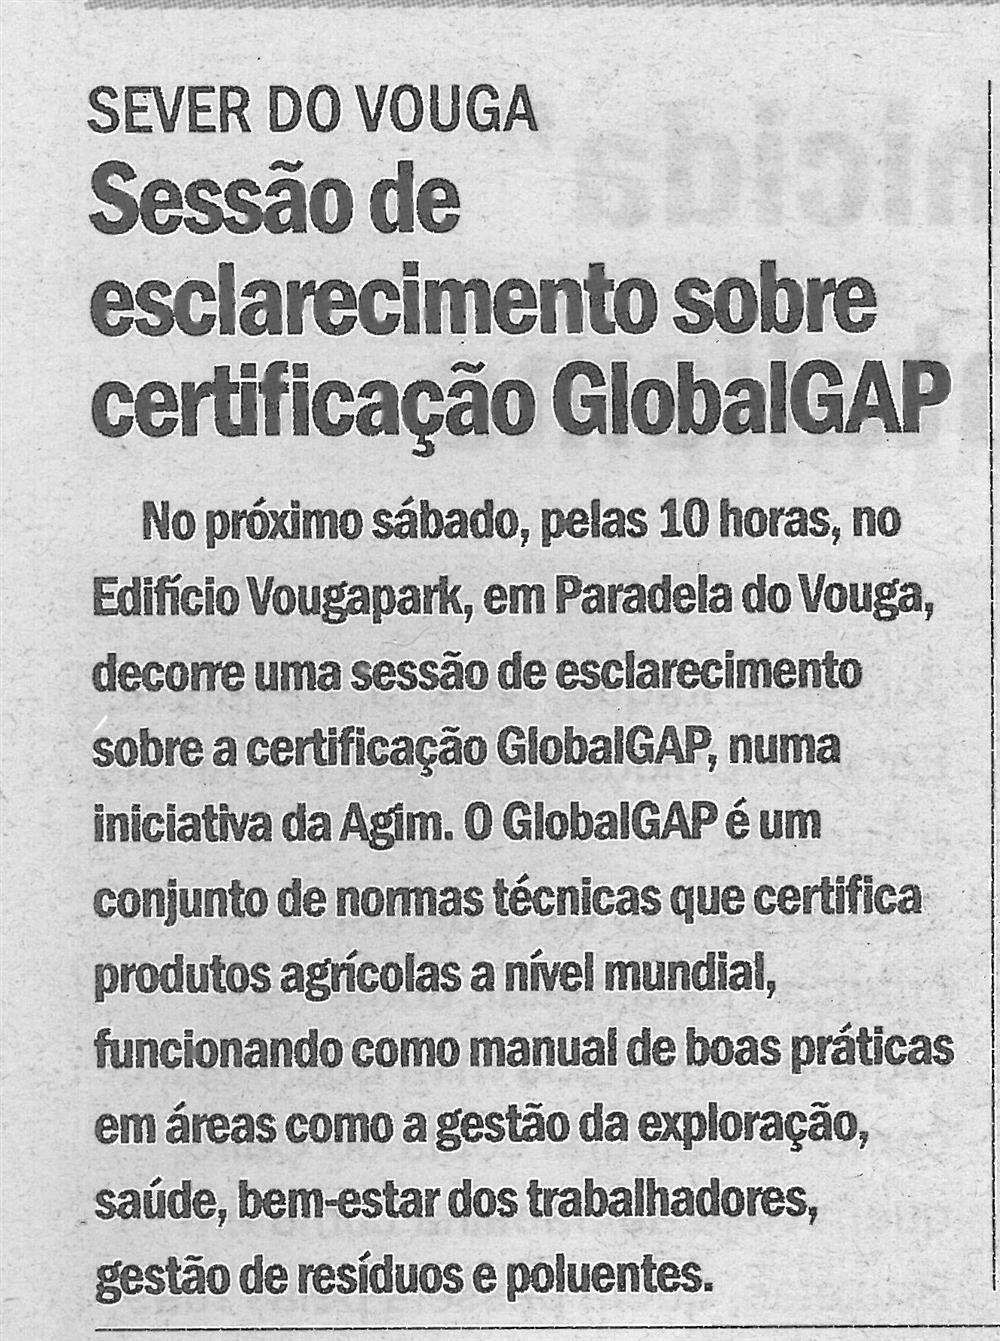 CV-11jan.'17-p.8-Sessão de esclarecimento sobre certificação GlobalGAP.jpg